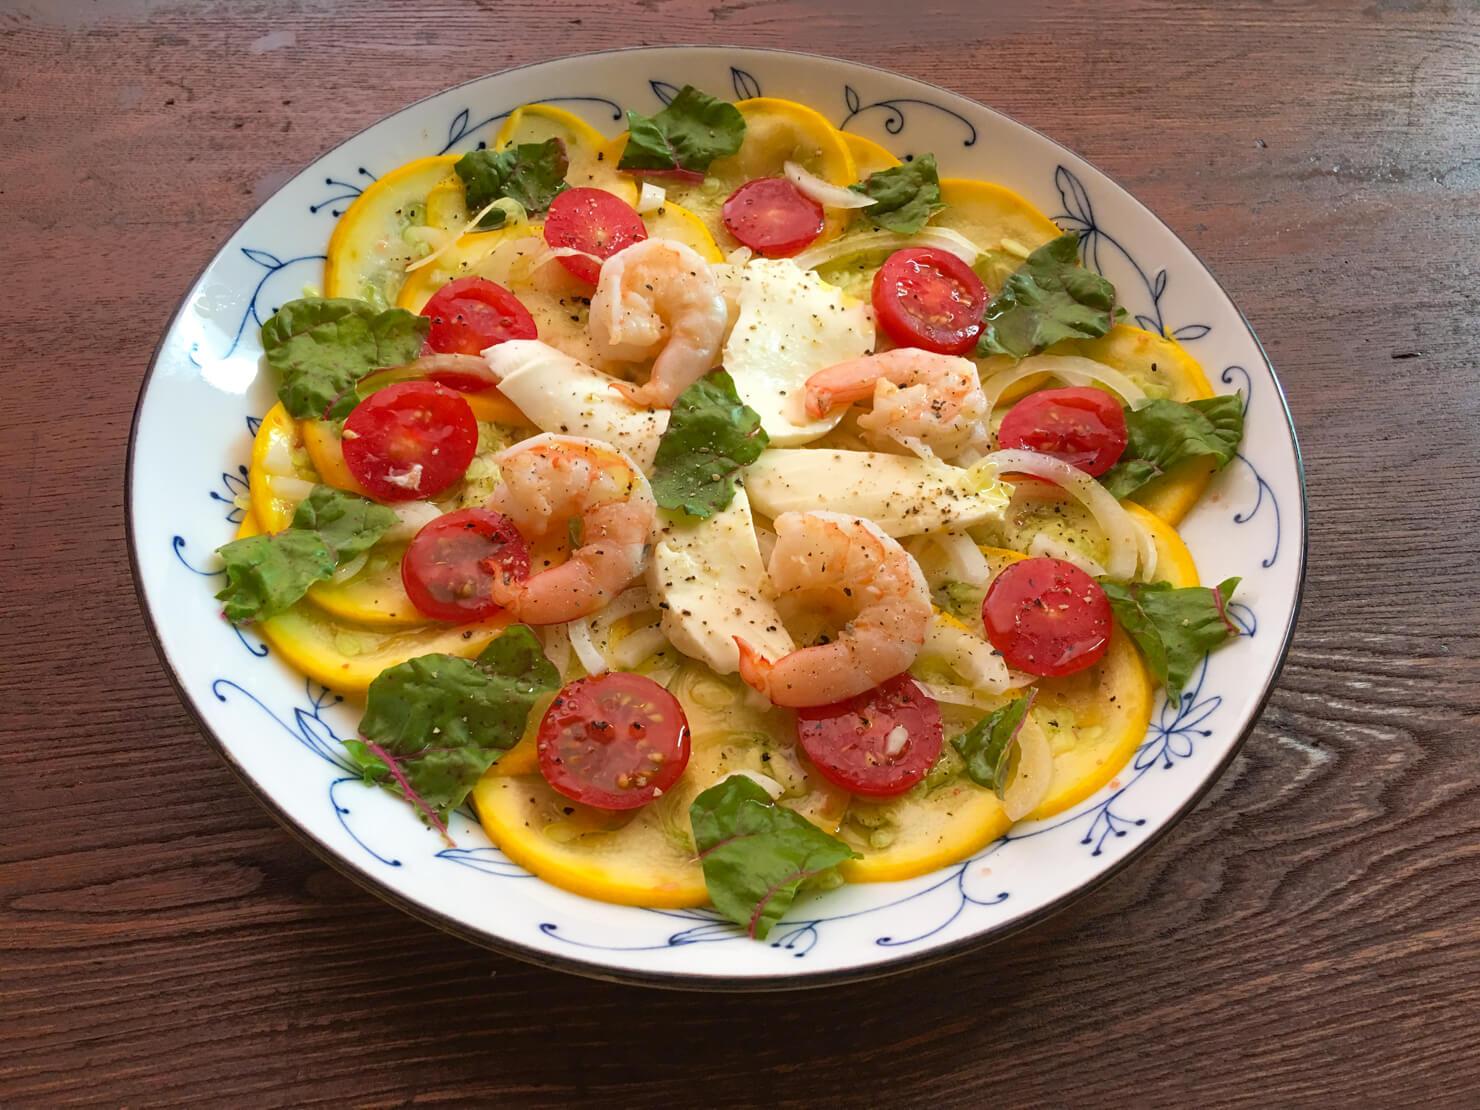 丸ズッキーニのカルパッチョ風サラダの写真